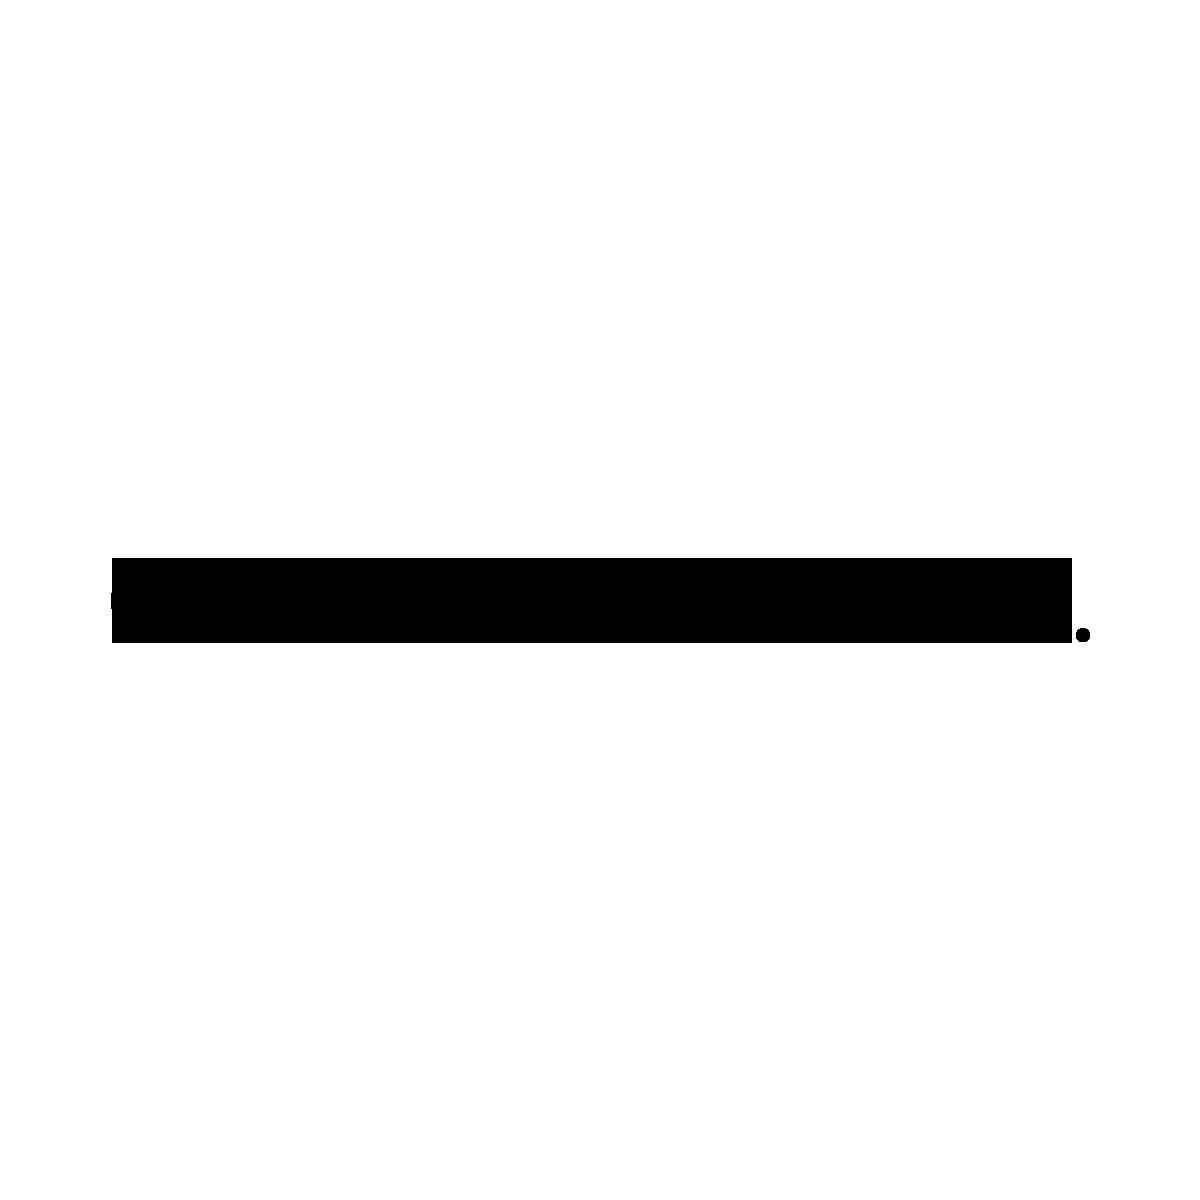 fred de la bretoniere sneaker zwart leer 101010006 detail